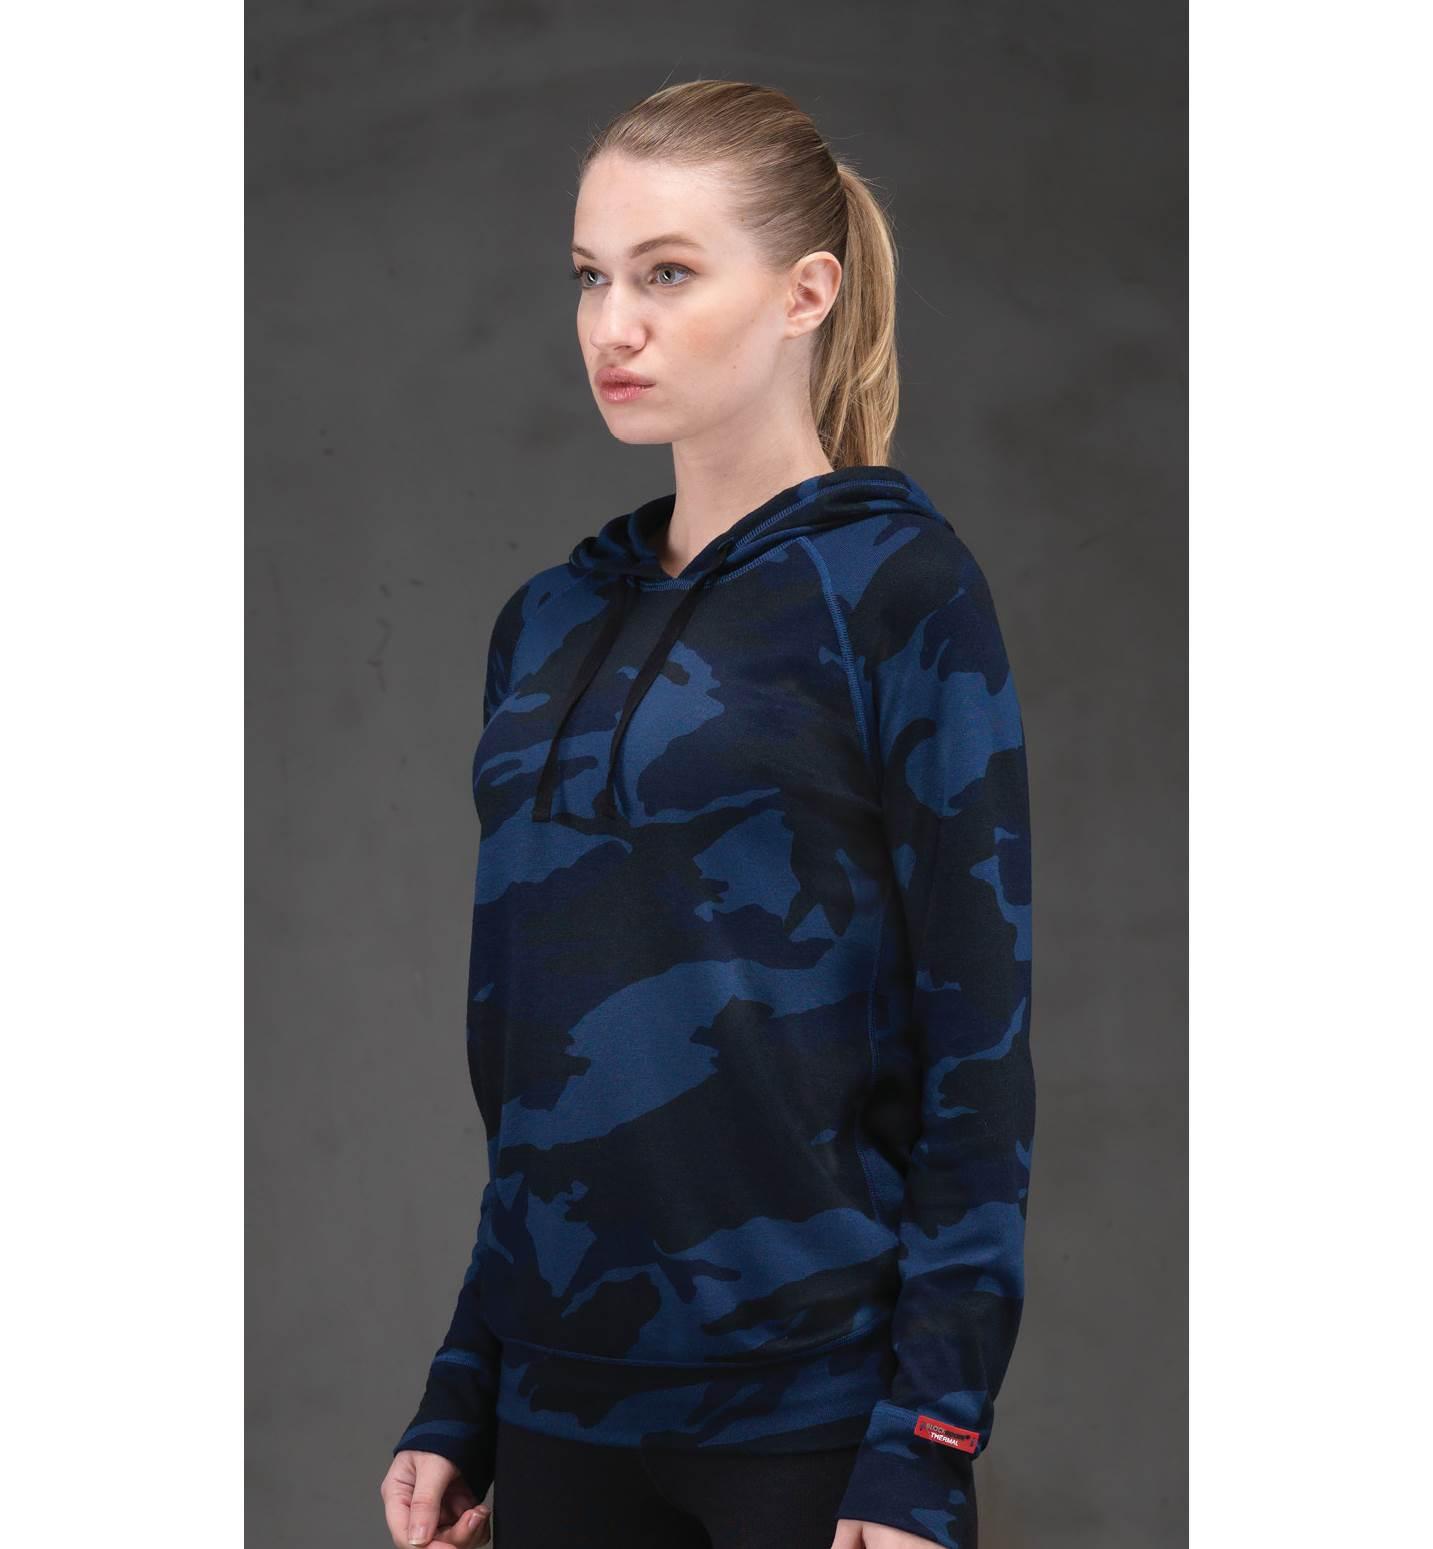 Kadın Termal Kapşonlu Sweatshirt 2. Seviye 6194 - Mavi